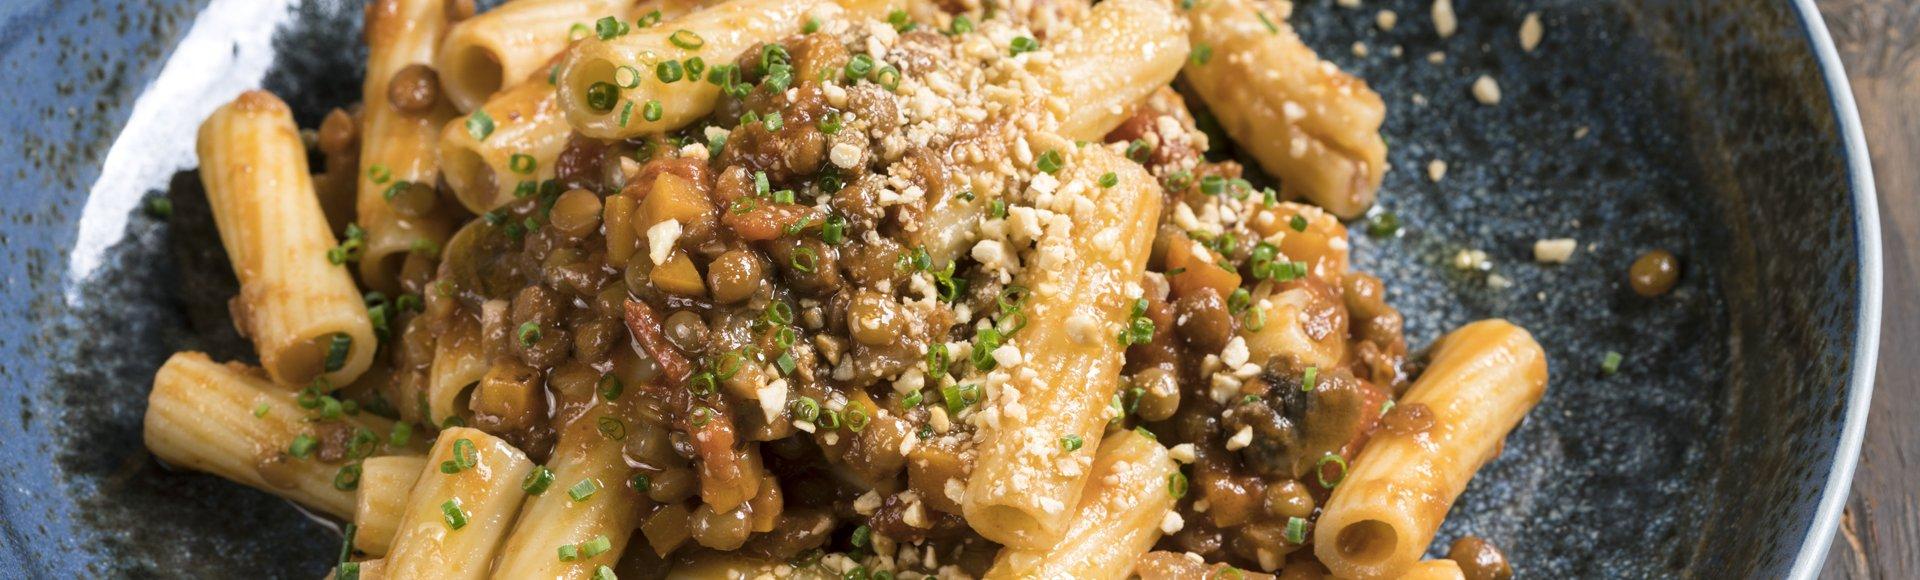 Ριγκατόνι με vegan σάλτσα Bolognese